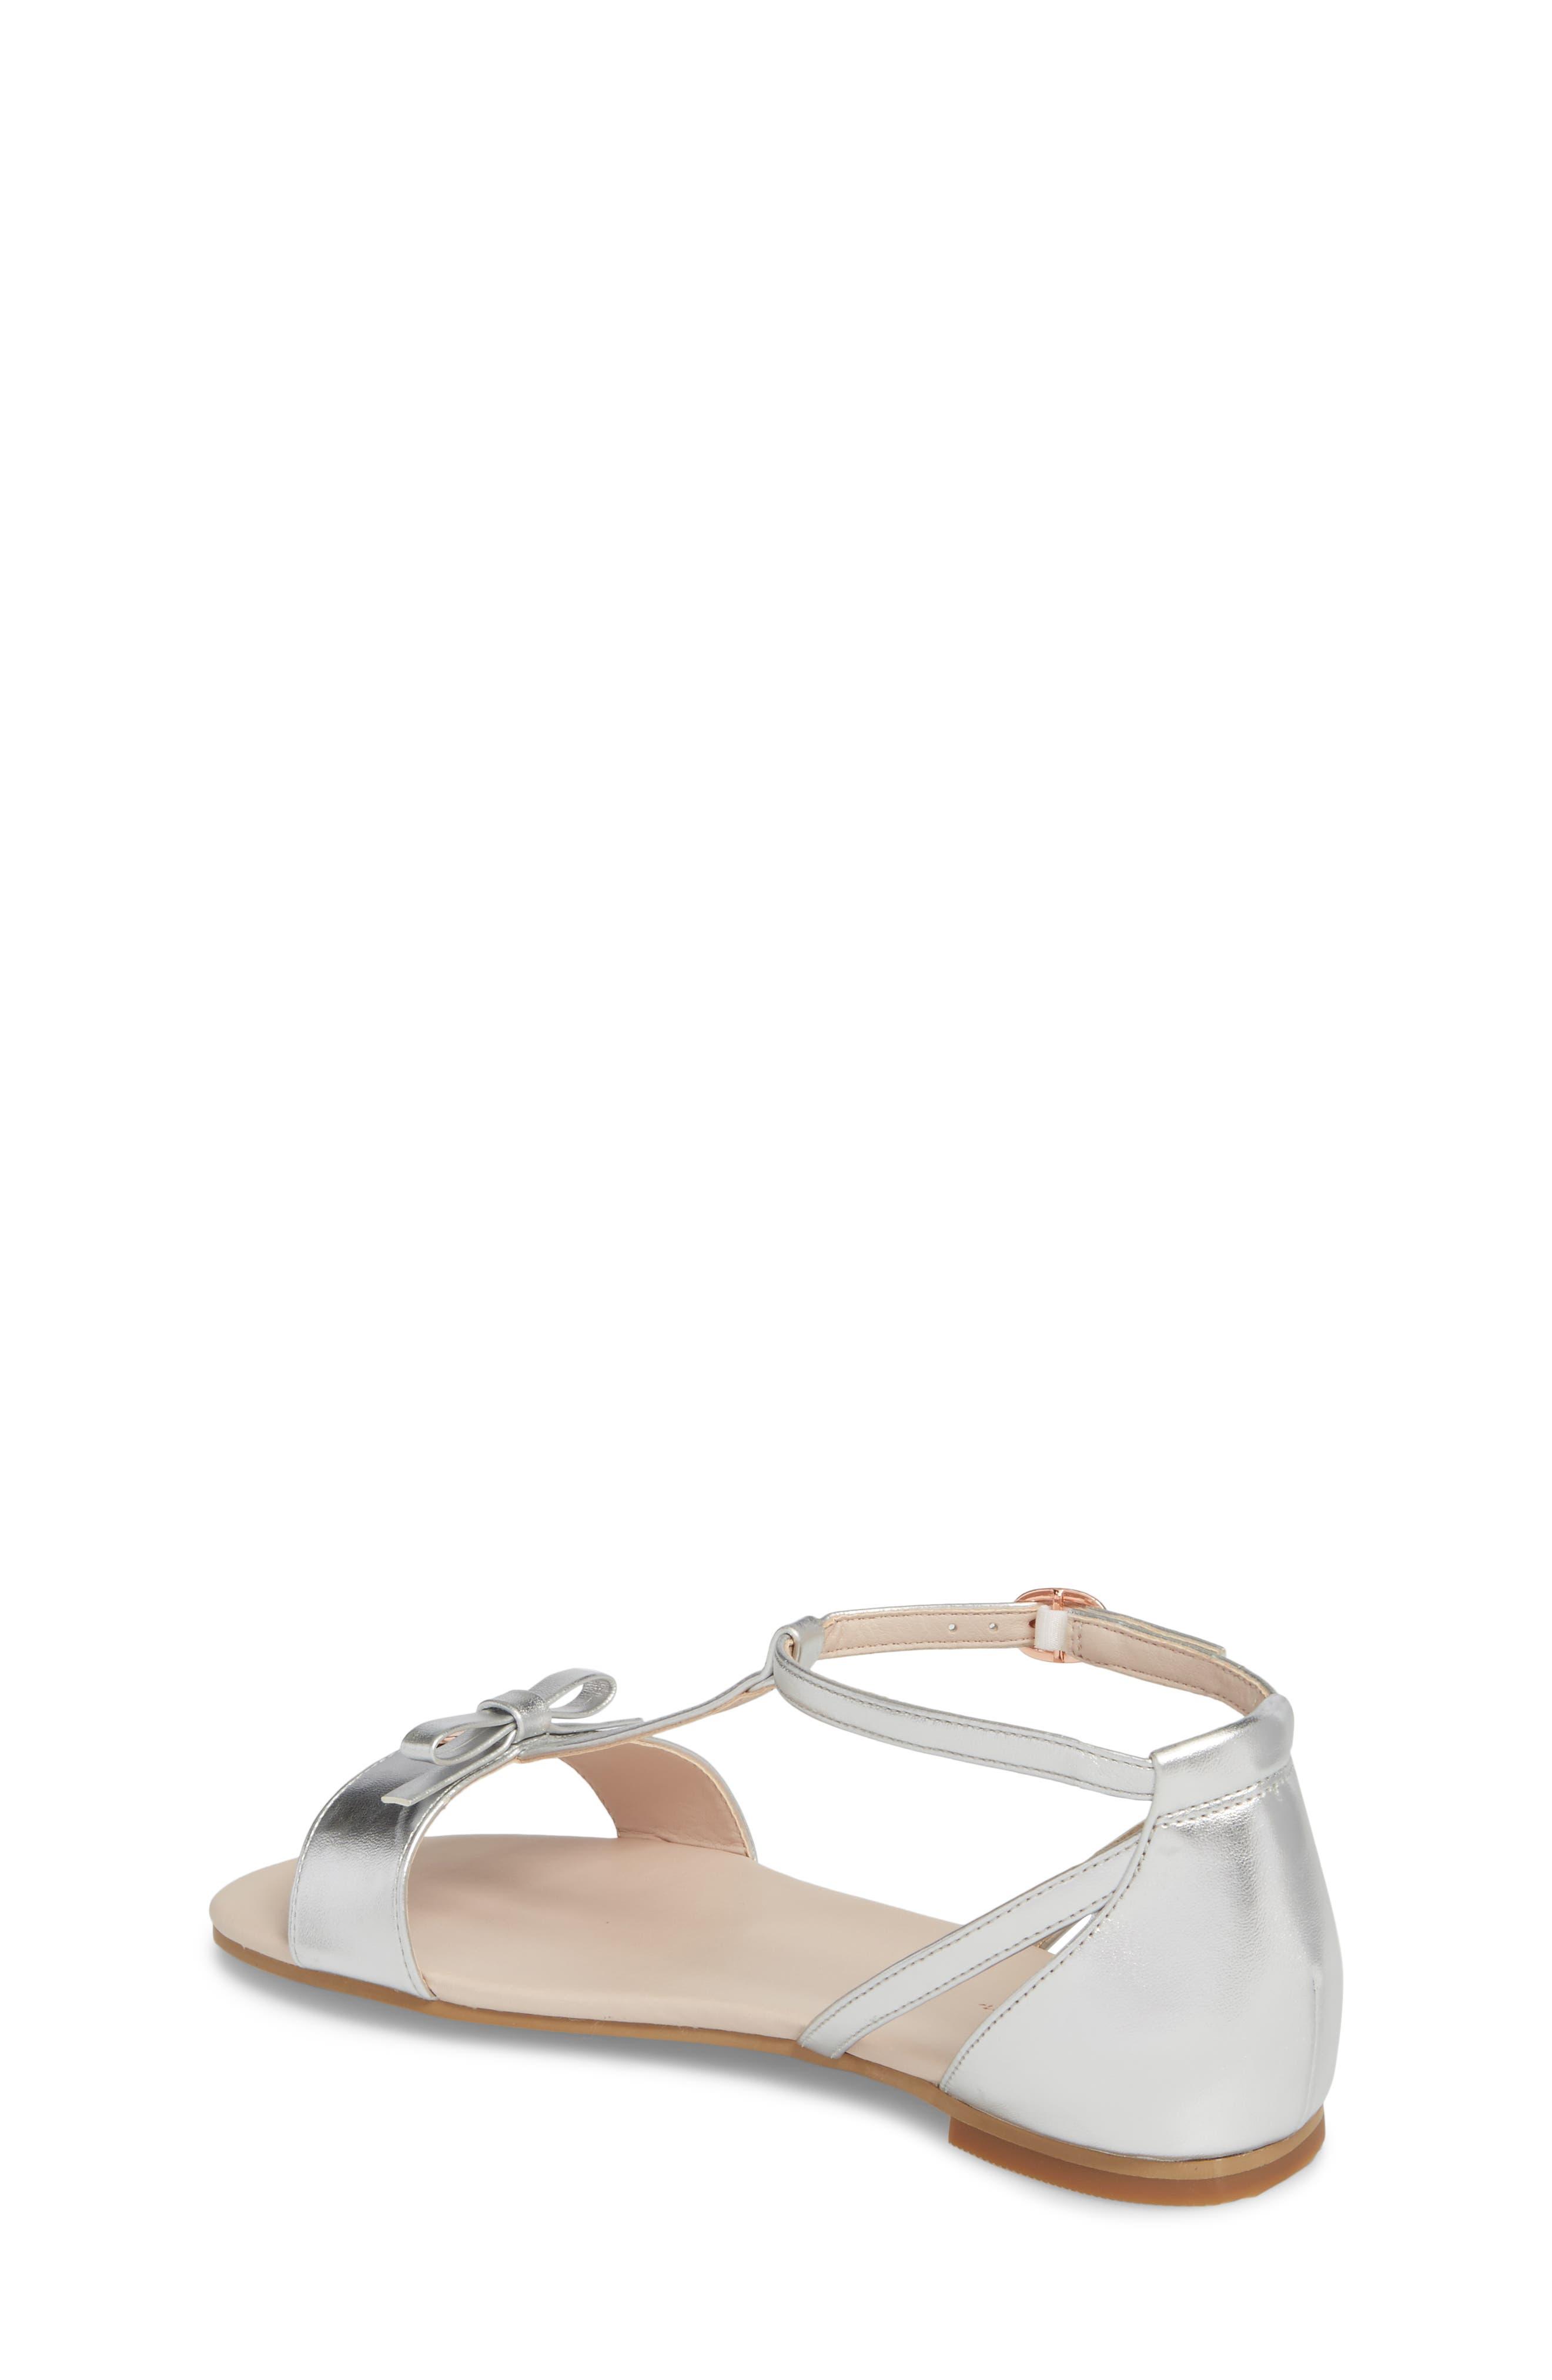 Valentina Metallic T-Strap Sandal,                             Alternate thumbnail 2, color,                             040